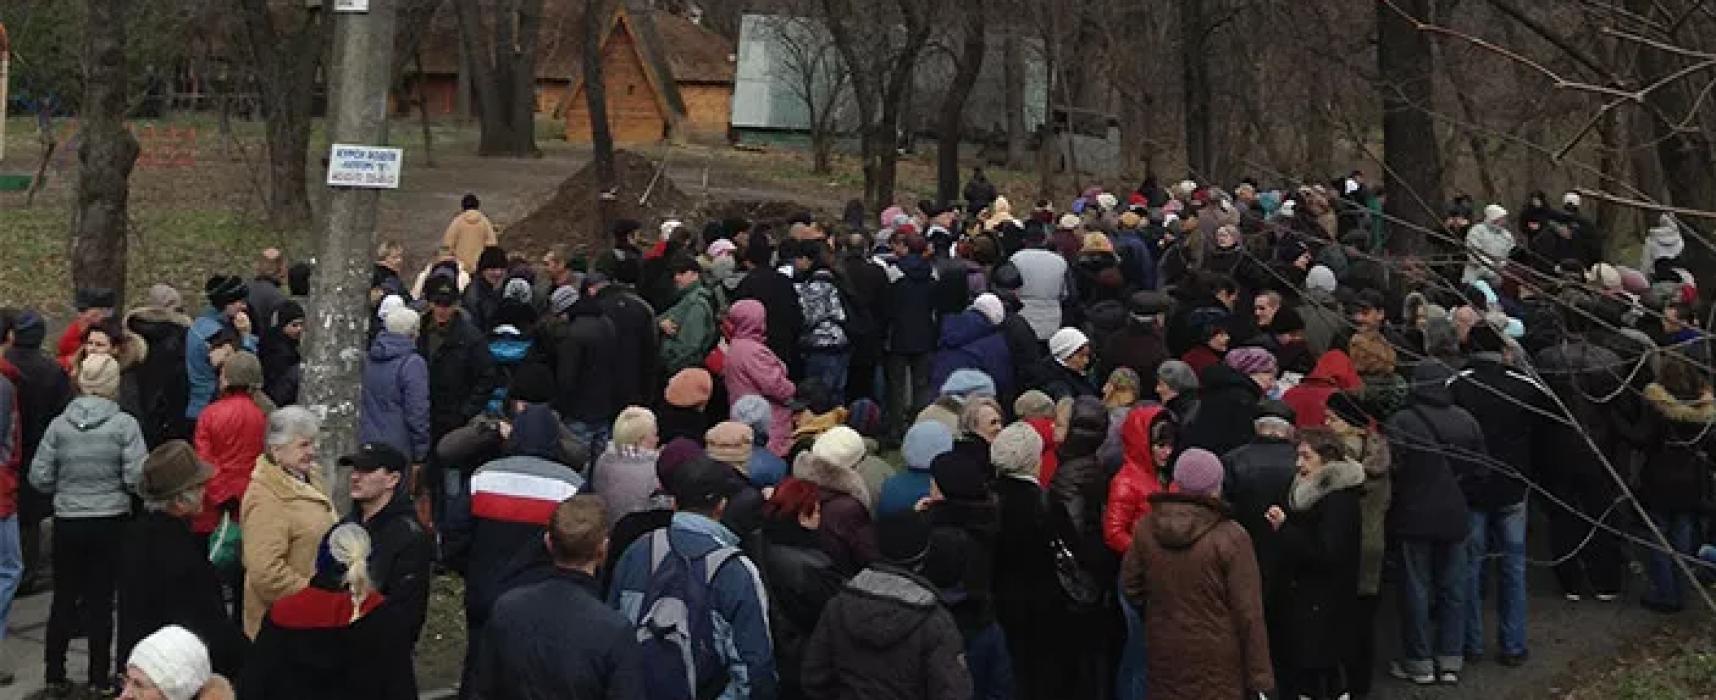 На митинг под Посольством США в Киеве, о котором сообщили российские СМИ, людей приглашали под предлогом съемок шоу